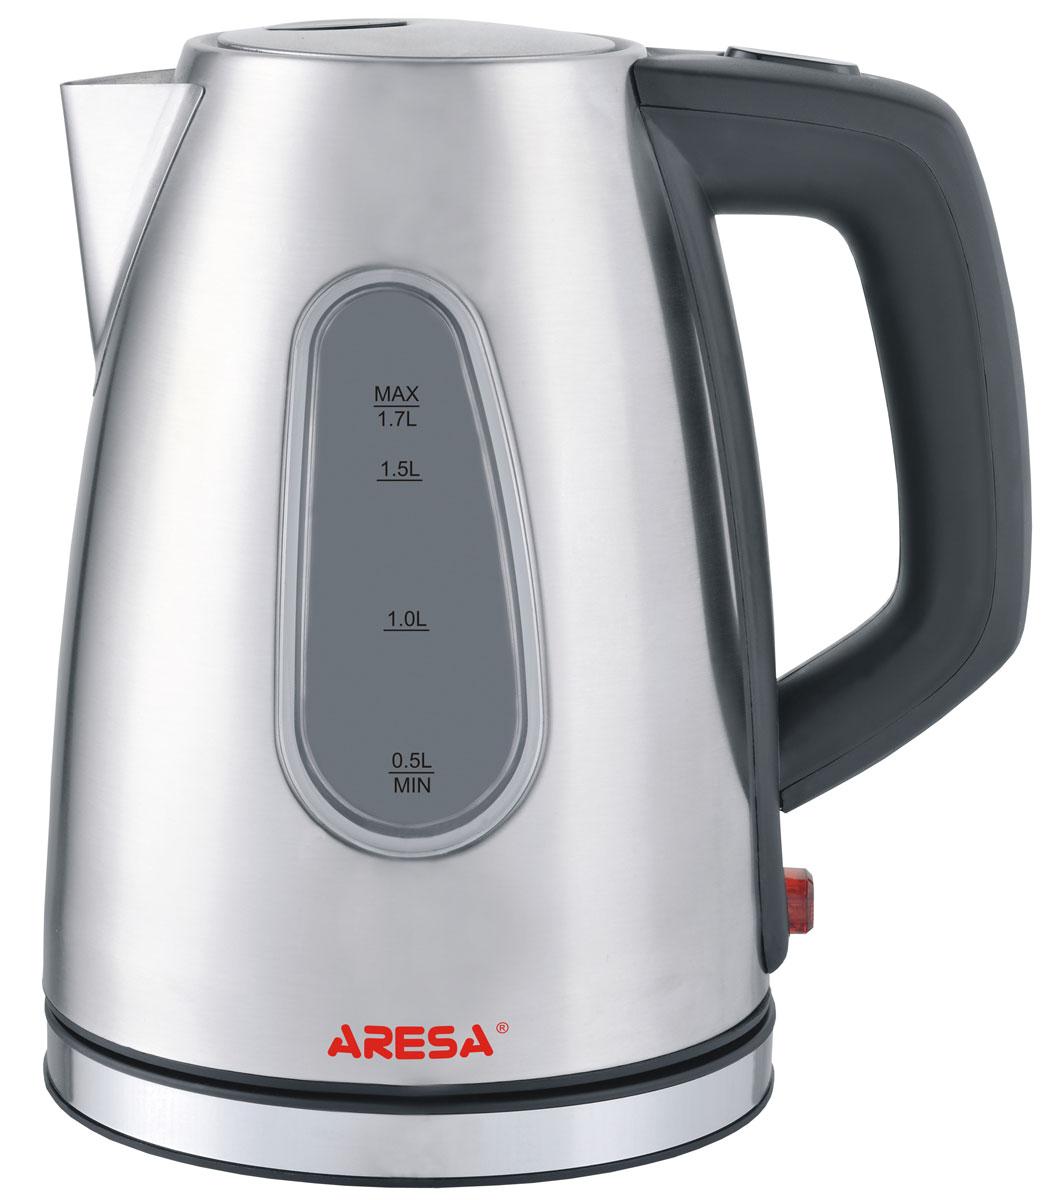 Aresa AR-3406 чайник электрическийAR-3406Электрический чайник Aresa AR-3406 в стильном металлическом корпусе мощностью 2000 Вт и объемом 1,7 литра отвечает всем современным требованиям надежности и безопасности. При его производстве используются только высококачественные и экологически безопасные материалы, а также нагревательный элемент и контроллеры высокого класса надежности. Устройство будет служить вам долгие годы, наполняя ваш быт комфортом!